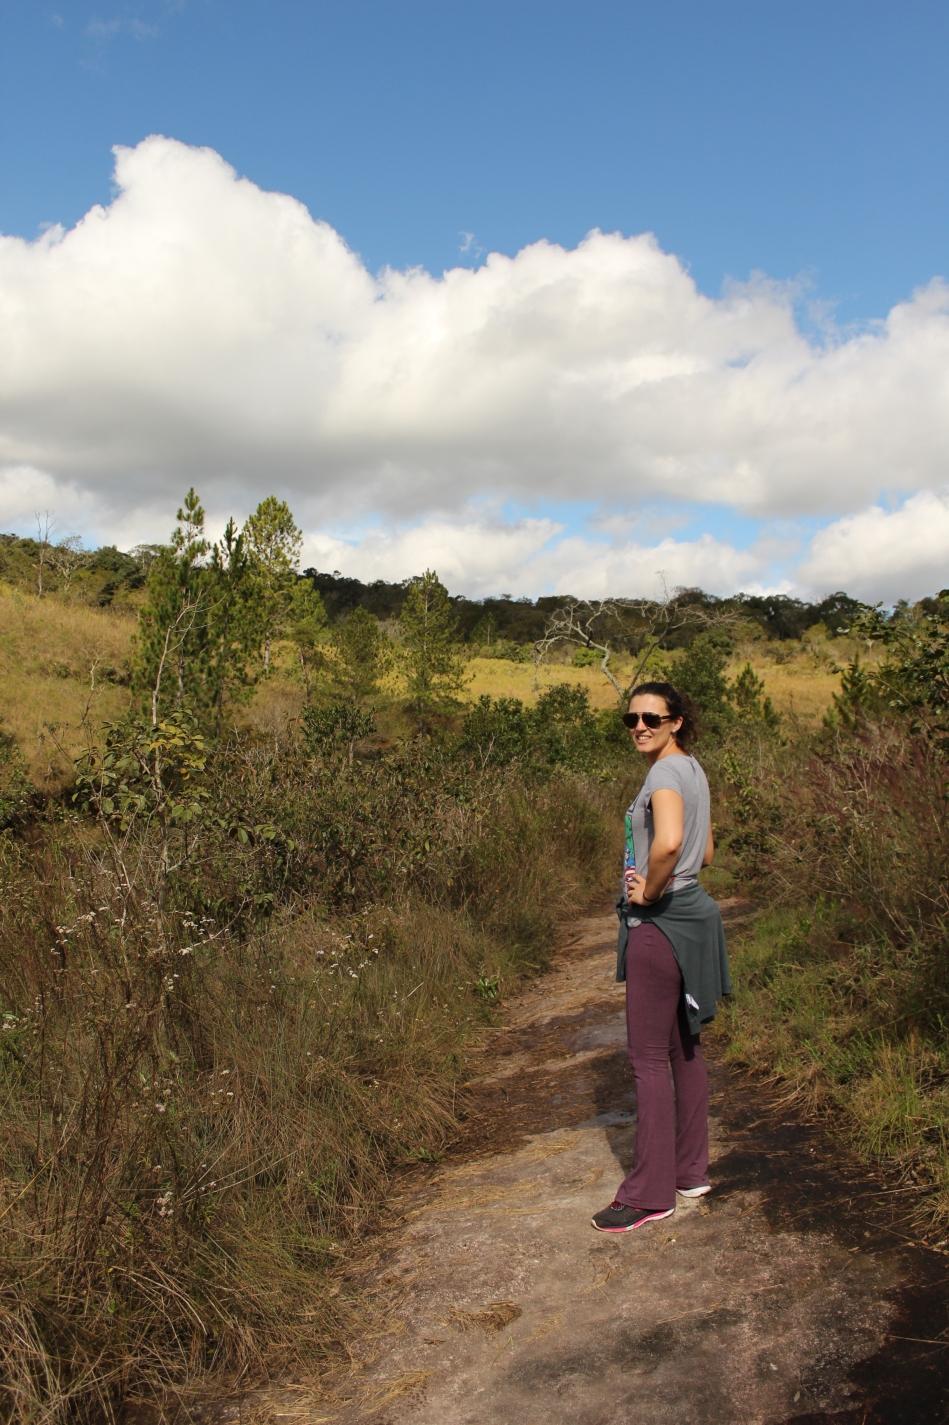 trilha da Cachoeira do Chuveirinho_Barreira_Vale do Itararé